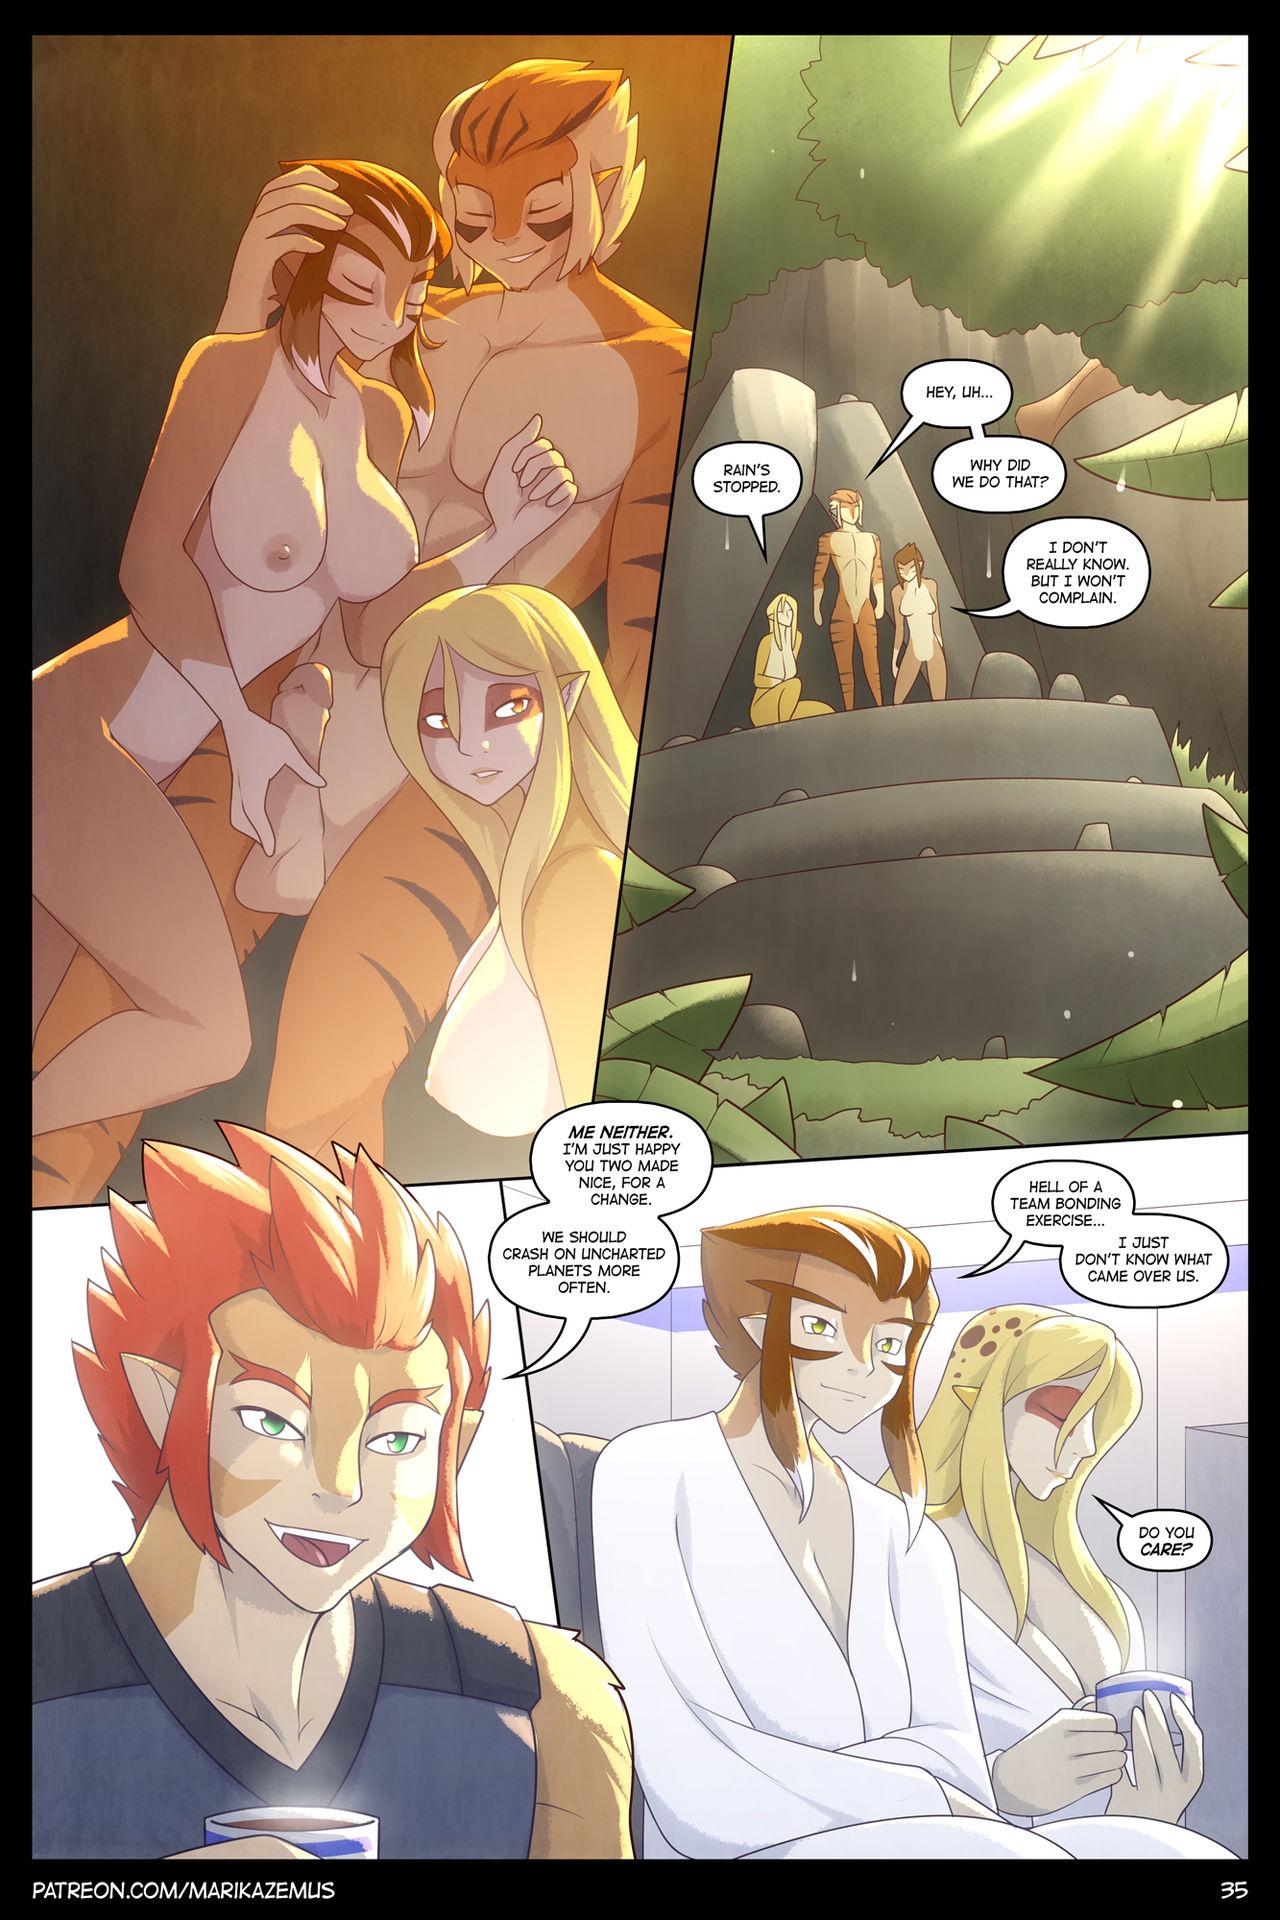 Thundercats: Heavy Rain porn comics Fantasy, Furry